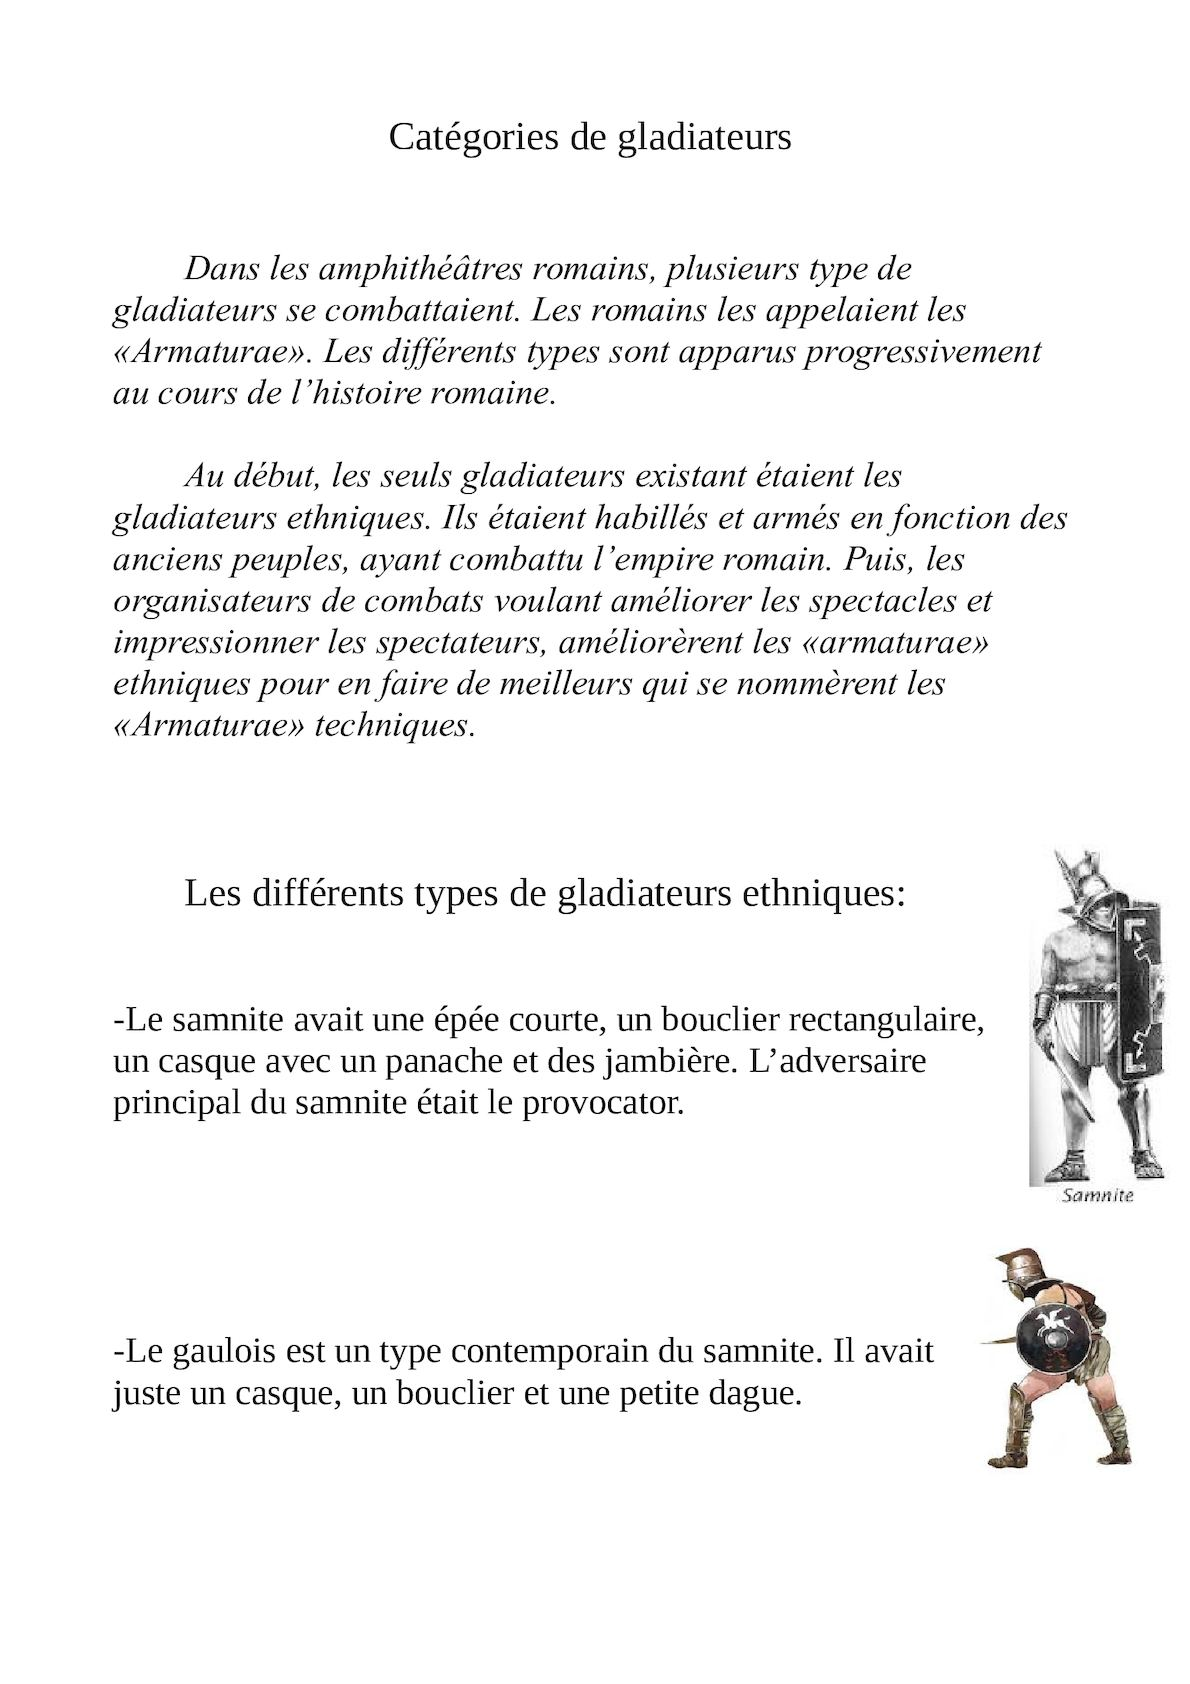 Les Différents Types De Gladiateurs : différents, types, gladiateurs, Calaméo, Hugo,, Léopol, Gaspard, Différents, Types, Gladiateurs